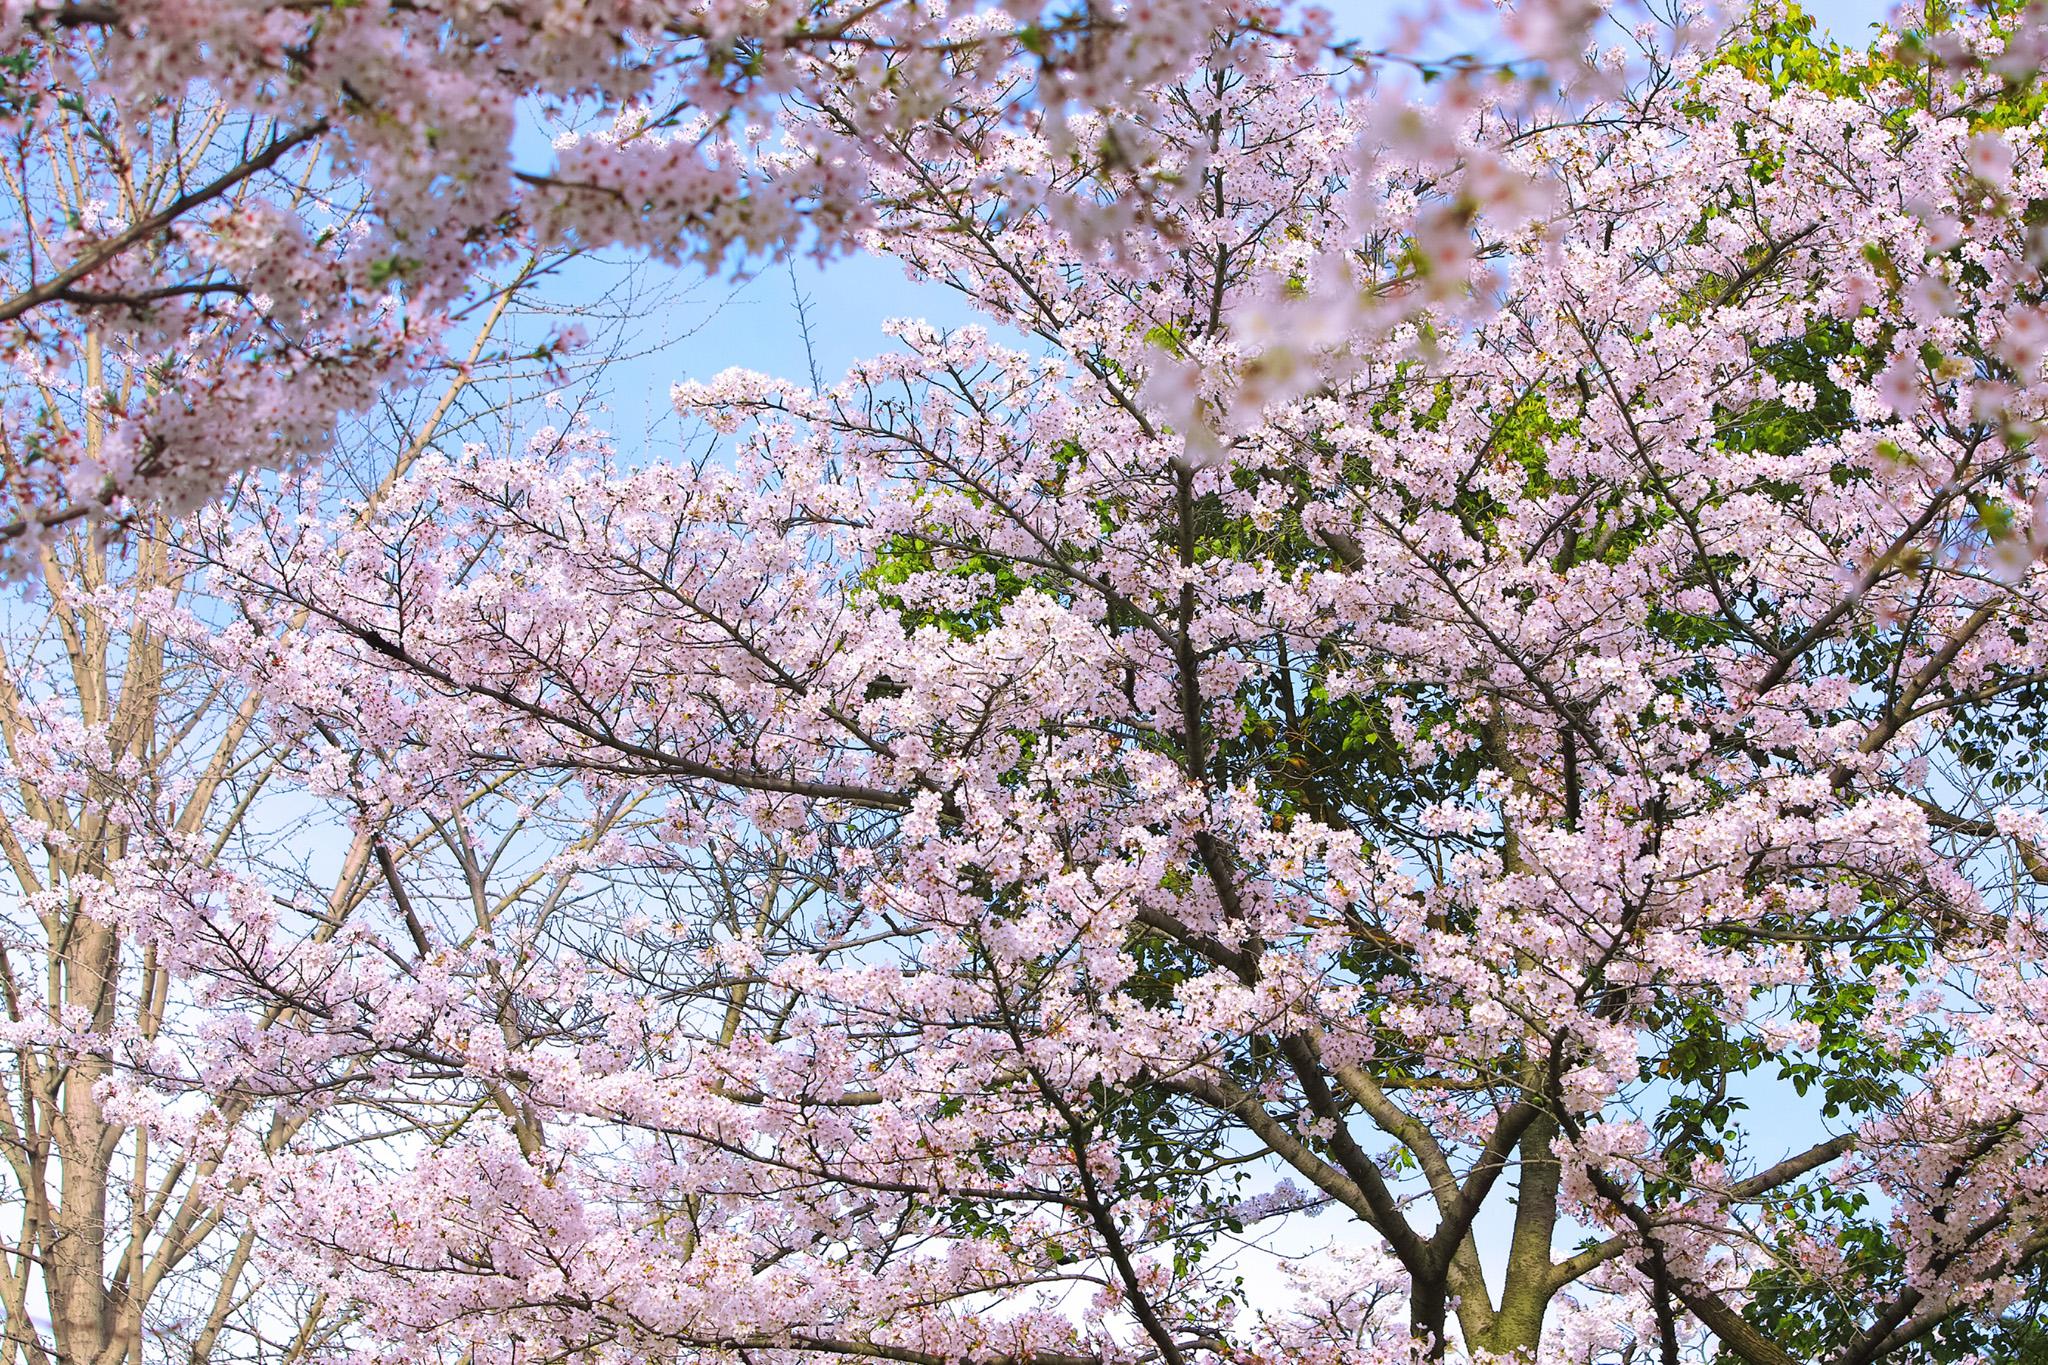 「霞空と桜が咲く春の林」